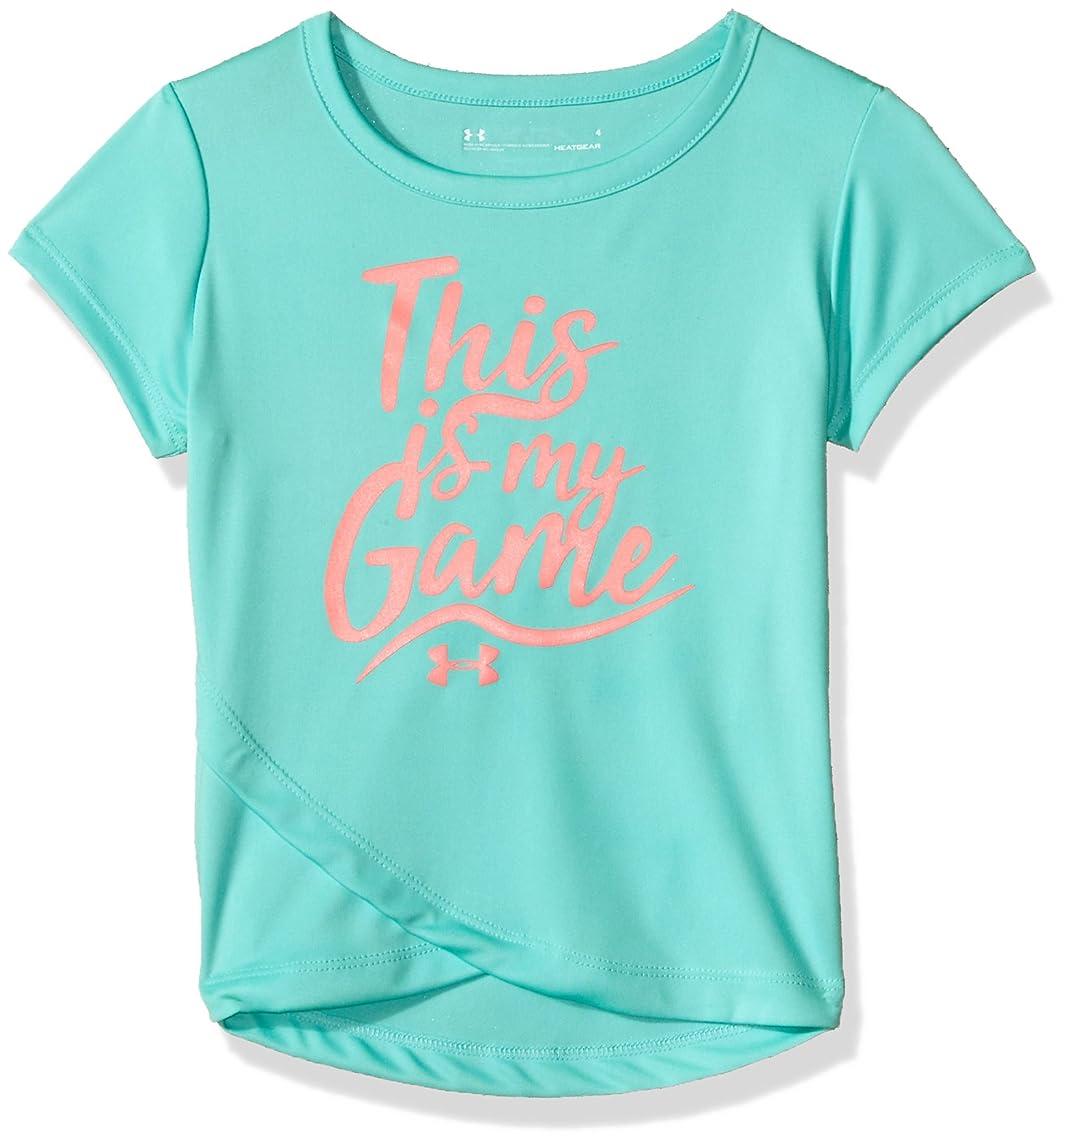 Under Armour Girls' Attitude Ss Tee Shirt